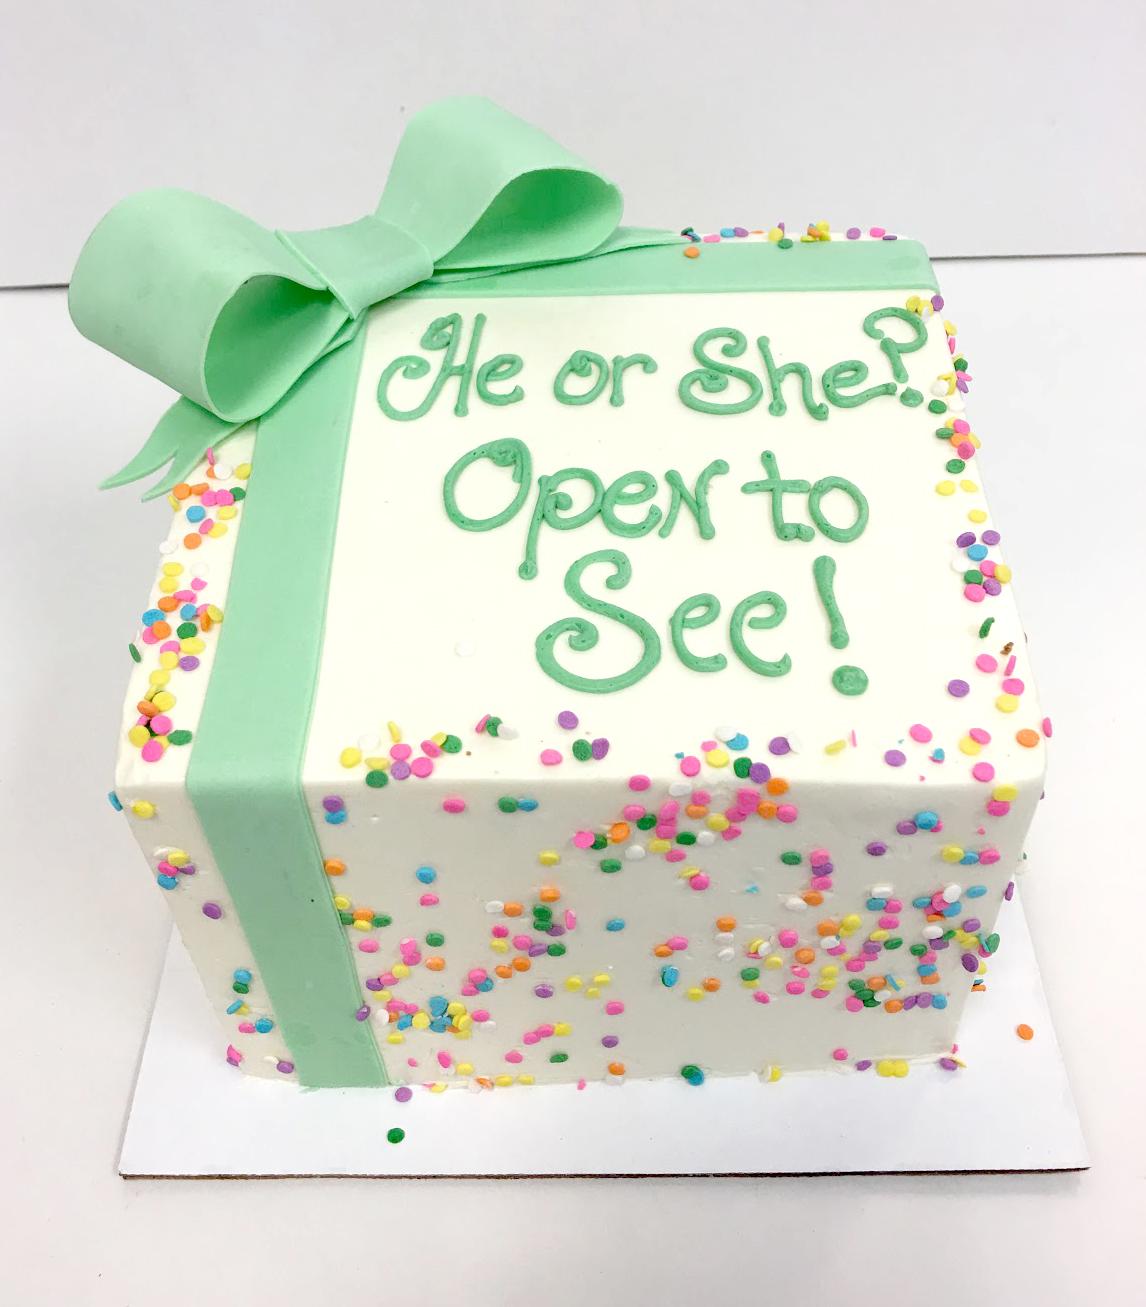 Present wrap square confetti cake.jpg